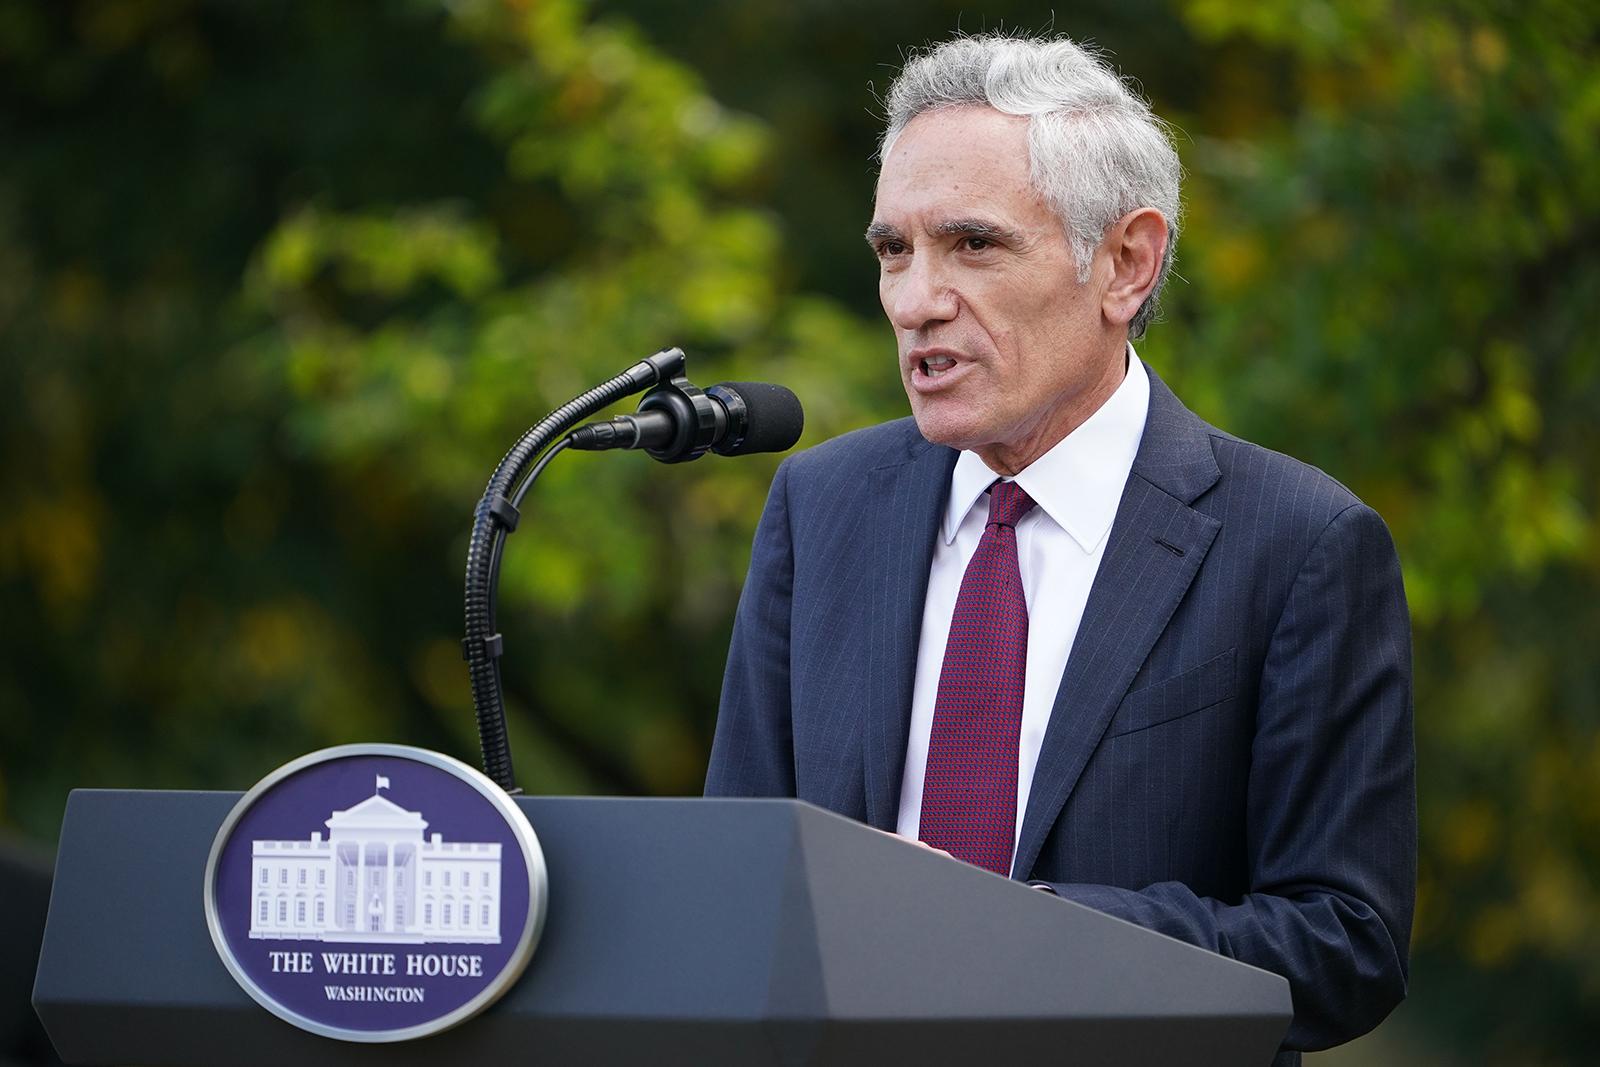 White House coronavirus adviser Dr. Scott Atlas speaks on Covid-19 testing in the Rose Garden of the White House in Washington, DC, on September 28.